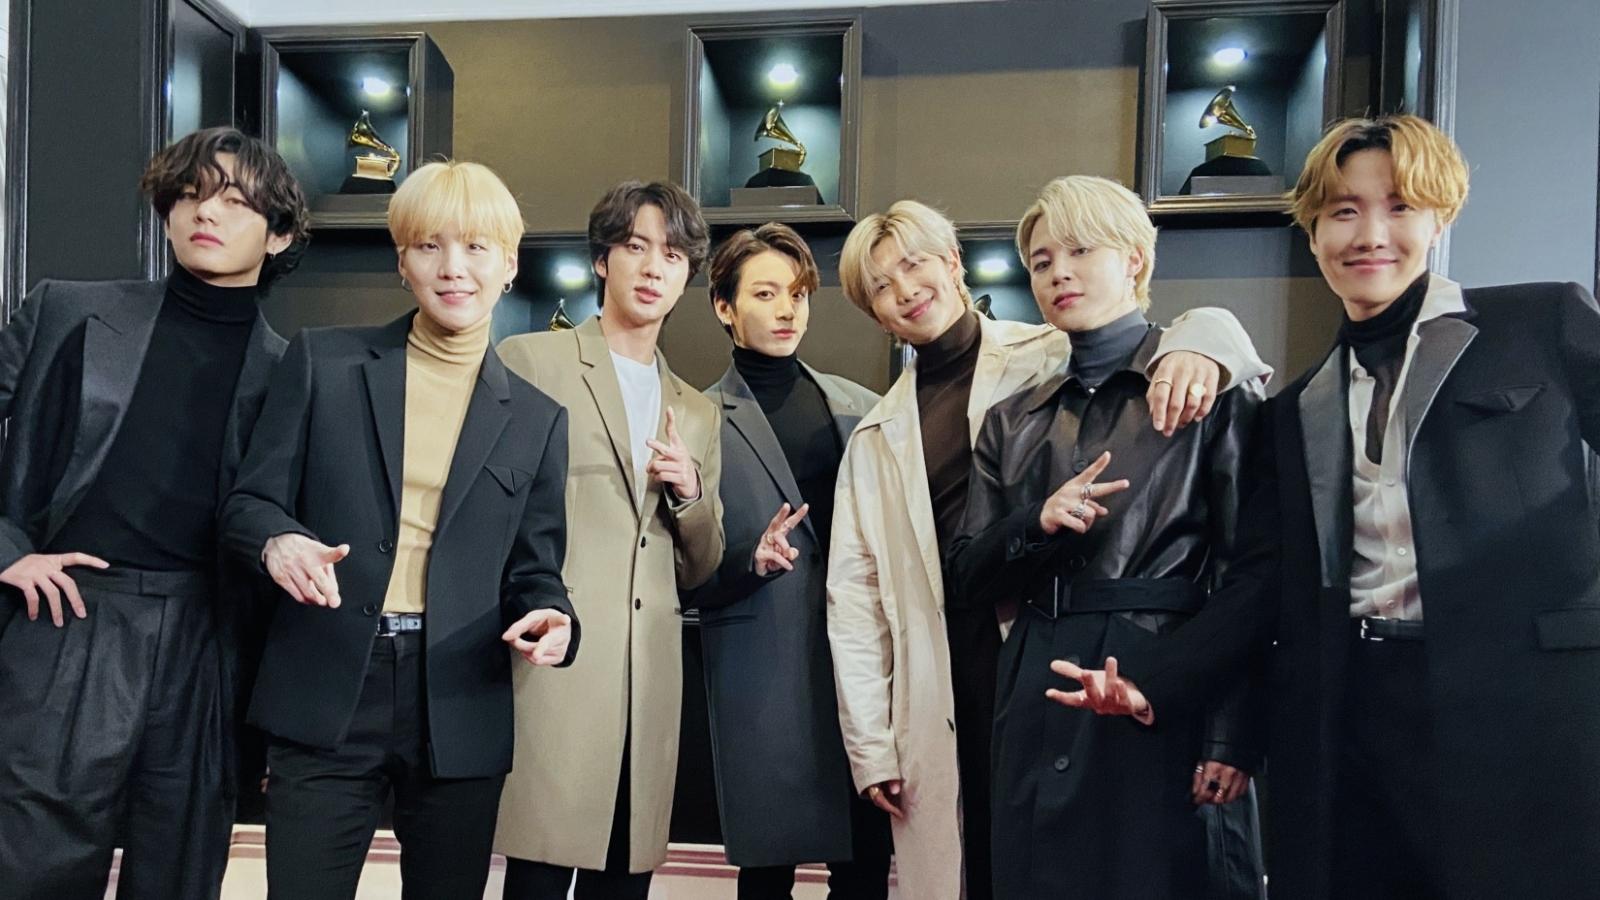 BTS sẽ trình diễn tại lễ trao giải Grammy lần thứ 63